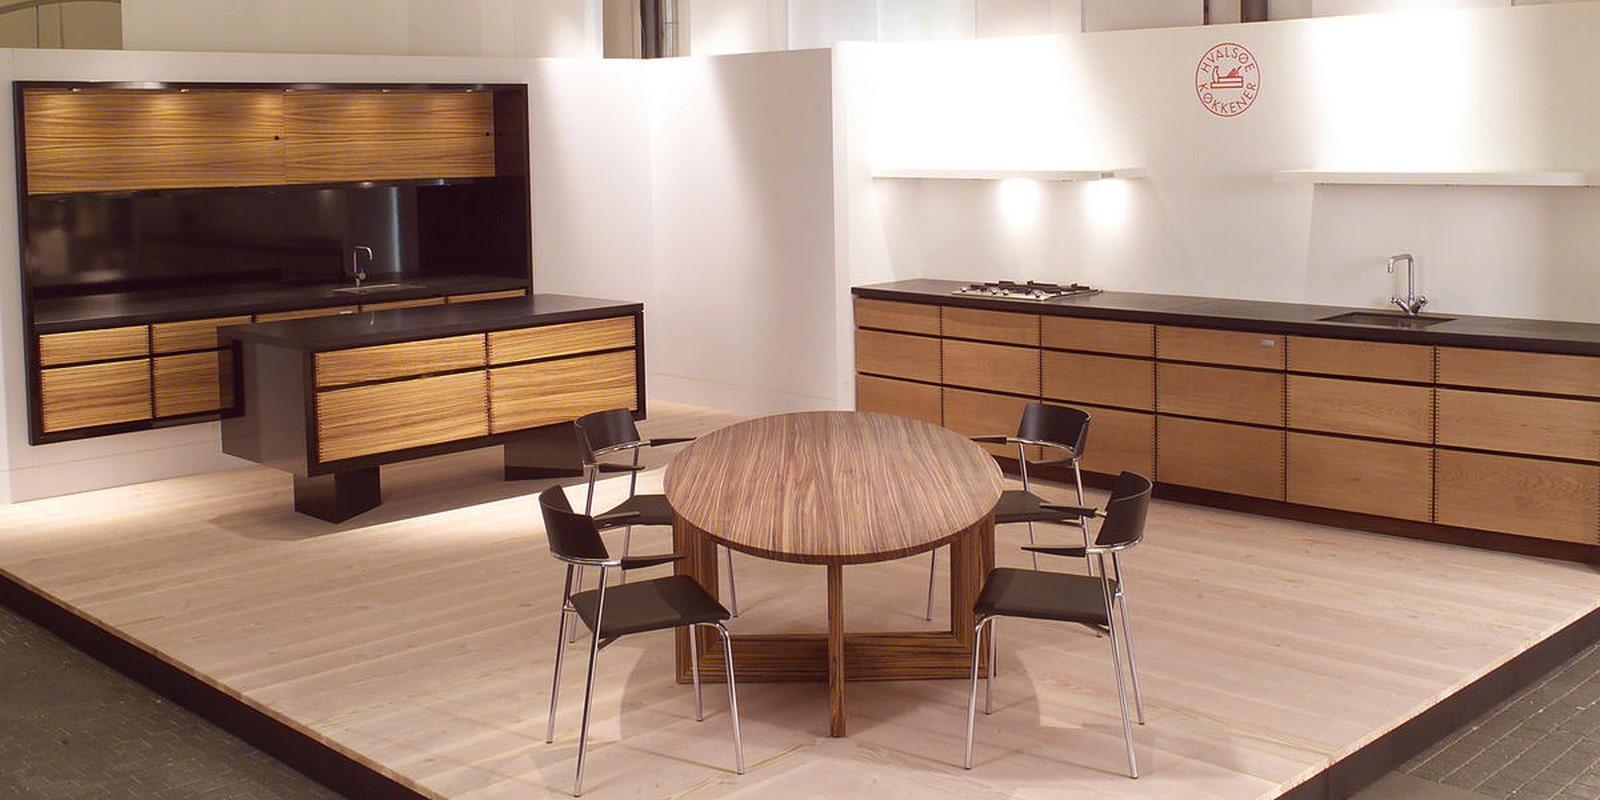 Insert-kitchen design - Sheet3